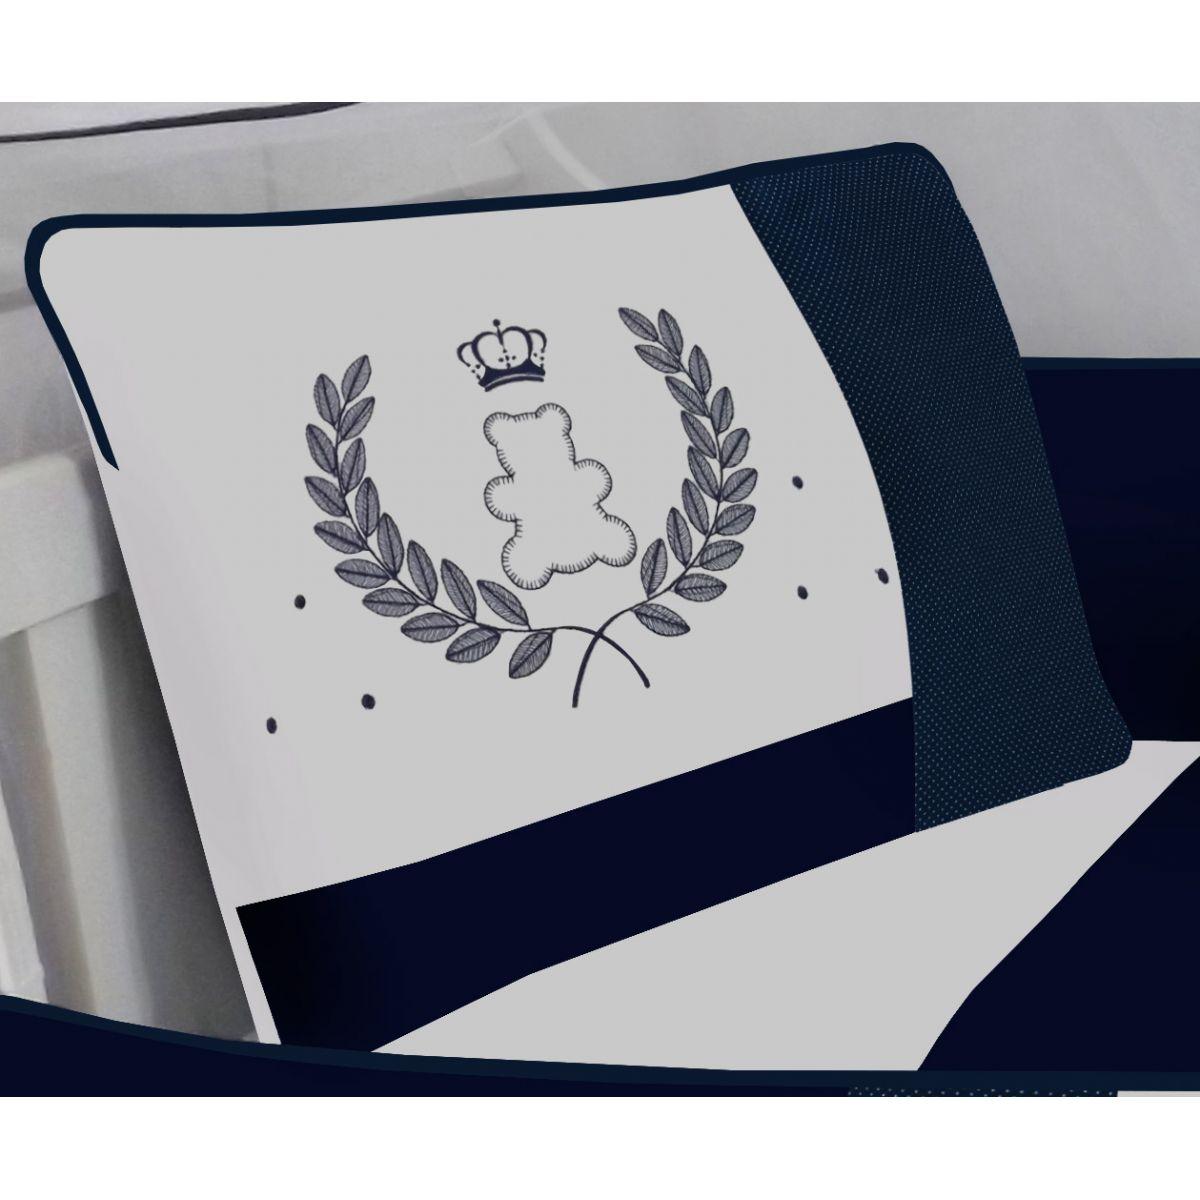 Kit de Berço Urso Coroa Marinho  09 peças 100% Algodão Padrão Americano